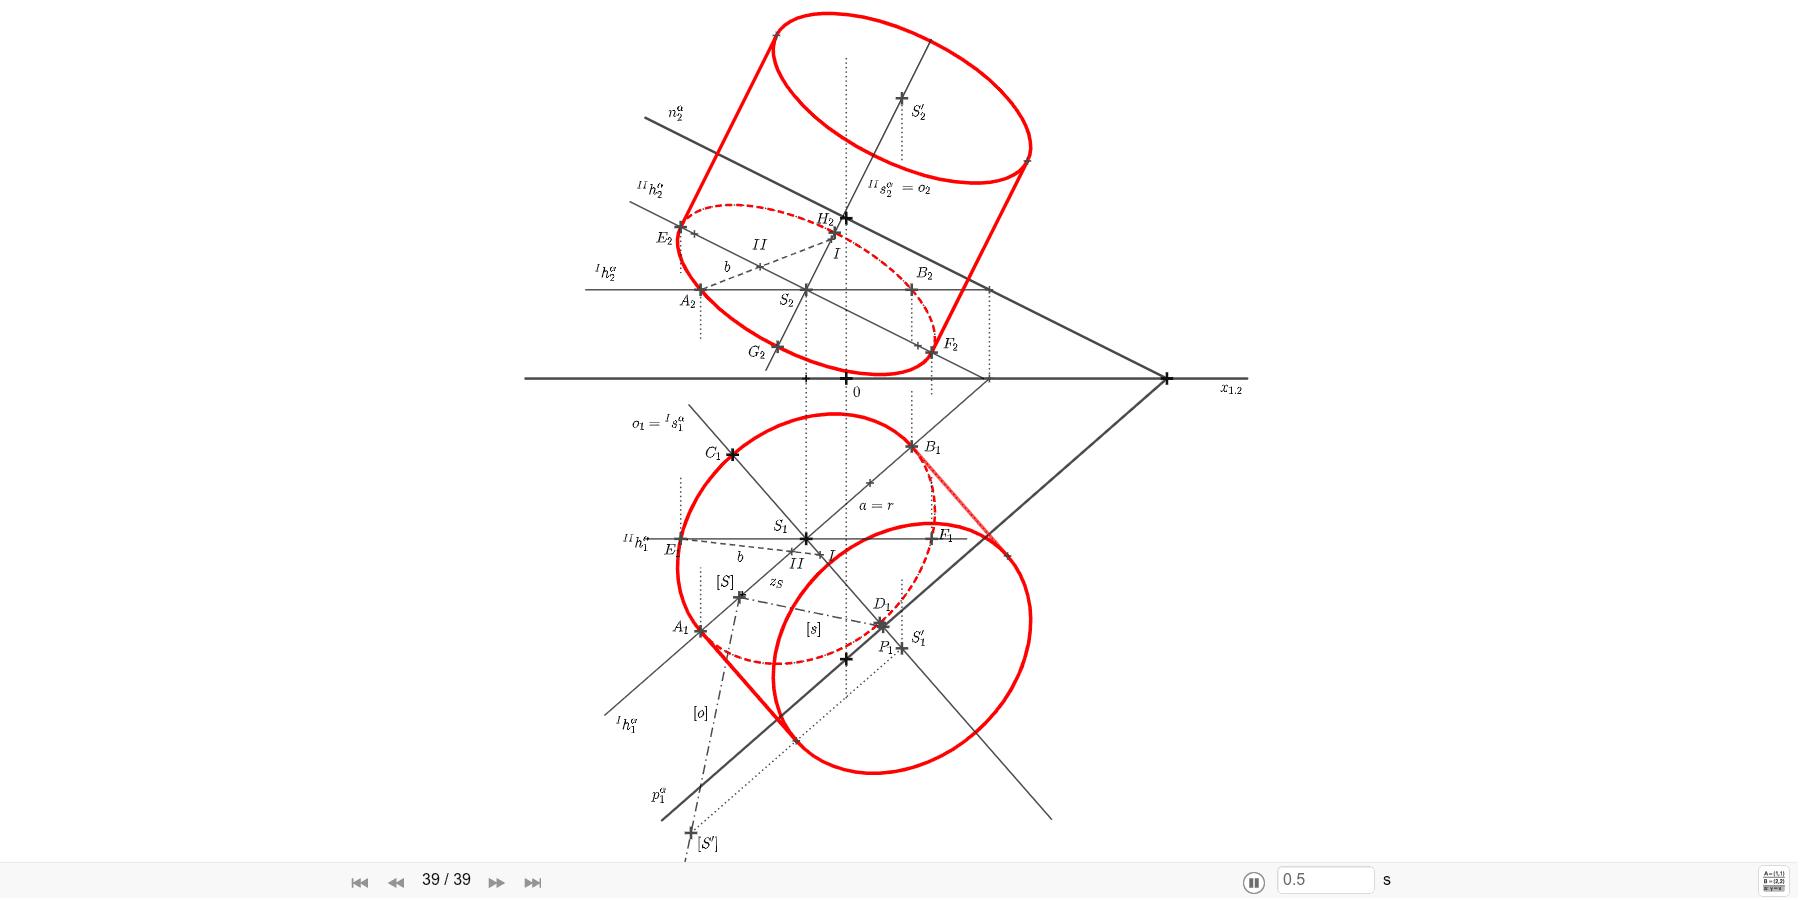 Sestrojte rotační váles s kruhovou podstavou v rovine α=(8; 7; 4), danou středem S=[-1; 4; ?] a poloměrem r = 3,5. Výška válce je v = 6. Zahajte aktivitu stisknutím klávesy Enter